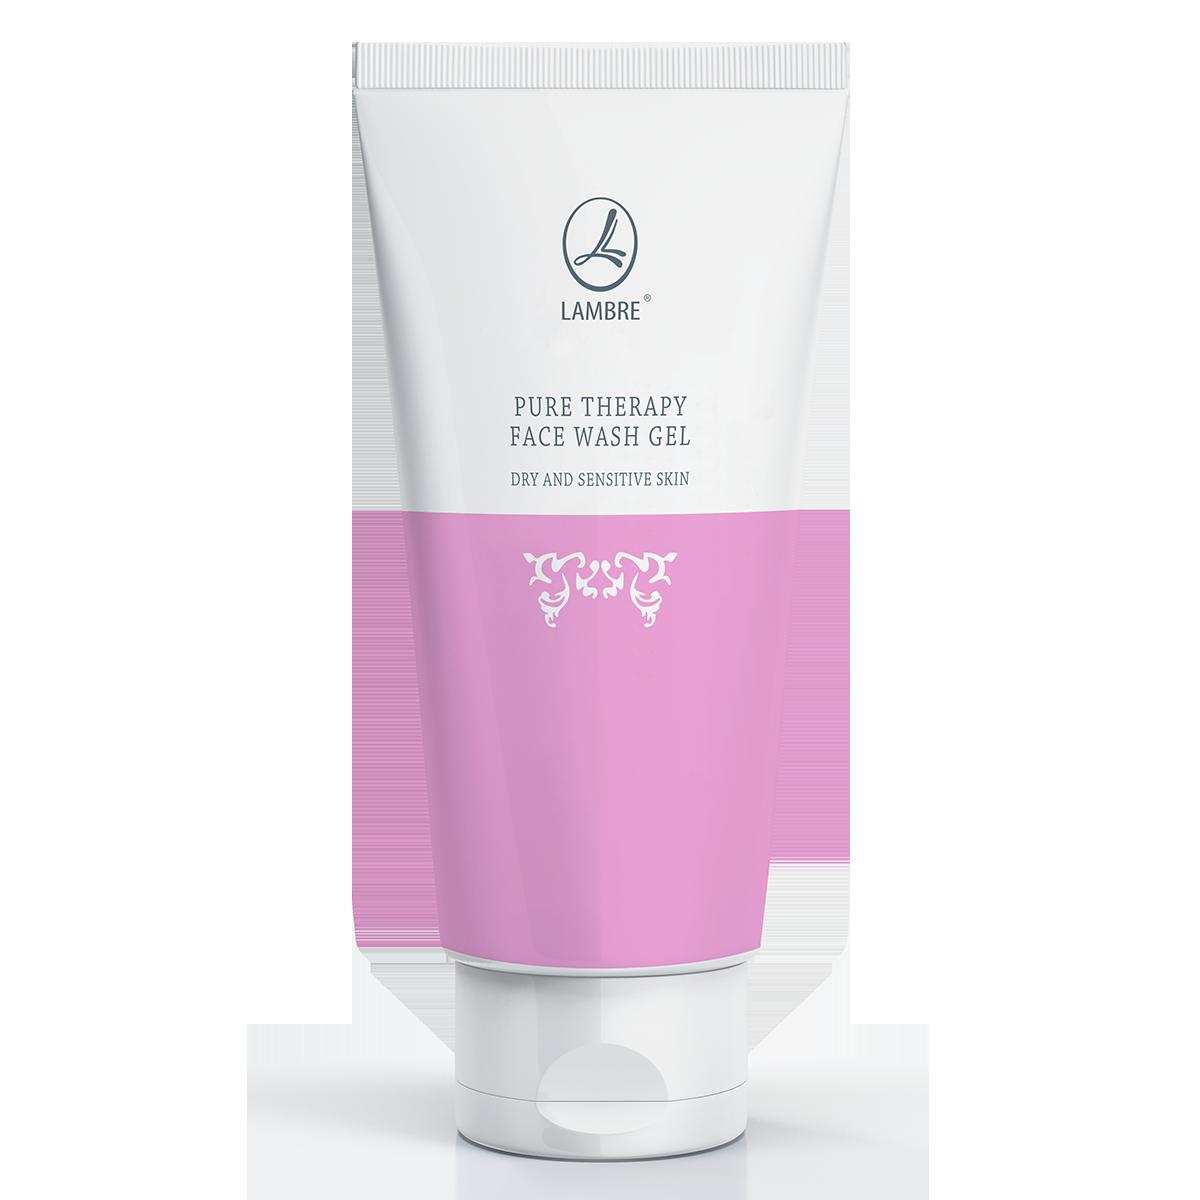 Очищающий гель для сухой и чувствительной кожи LAMBRE Pure Therapy Face Wash Gel for Dry and Sensitive Skin